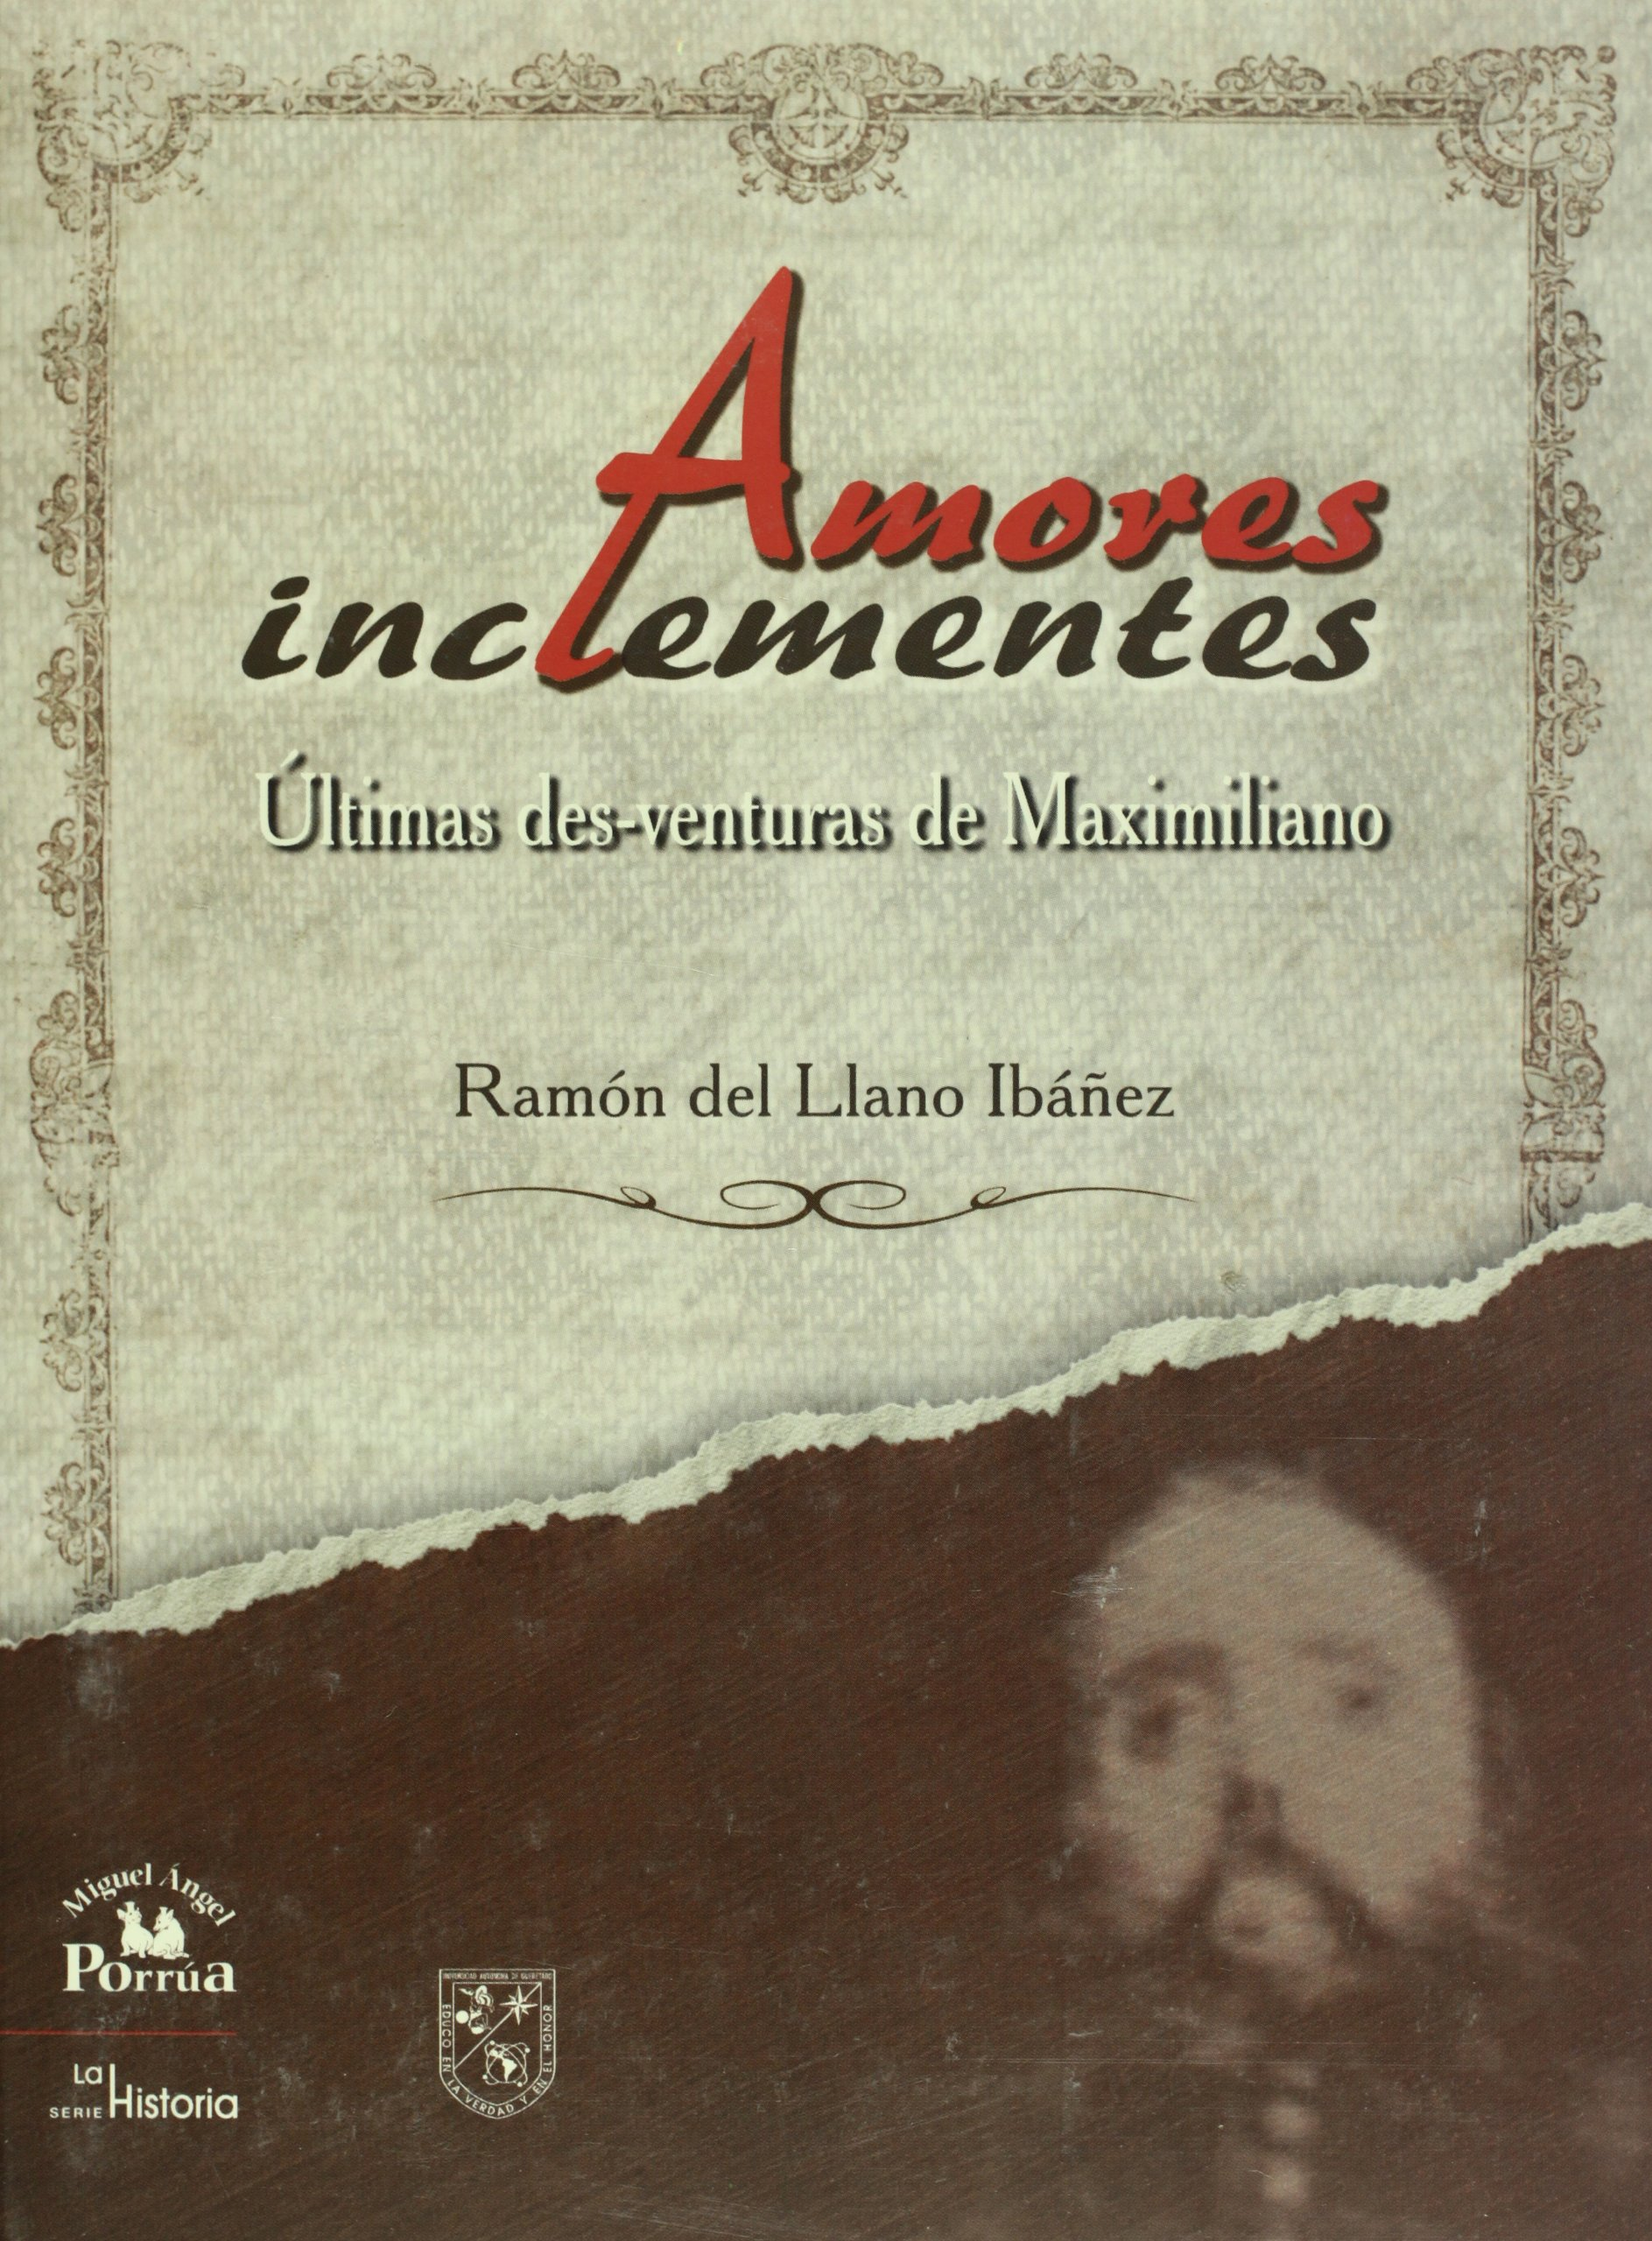 Amores inclementes. ultimas des-venturas de Maximiliano (Spanish Edition) pdf epub